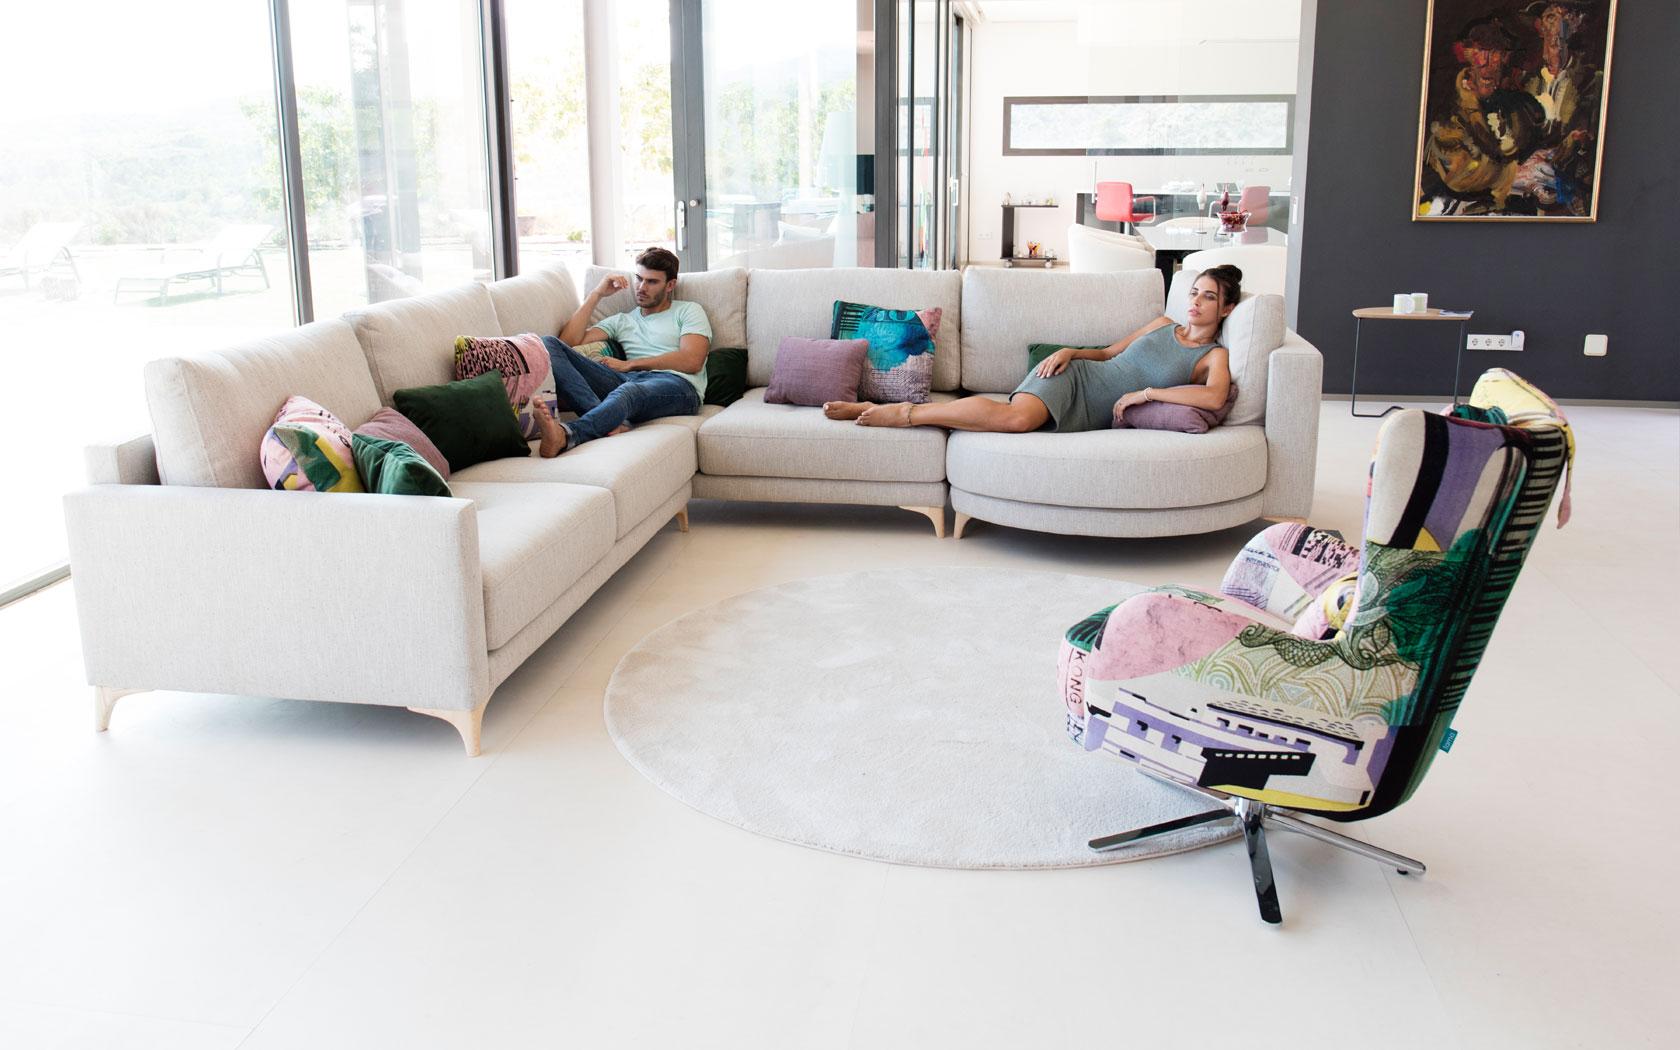 Opera sofa Fama 2019 04